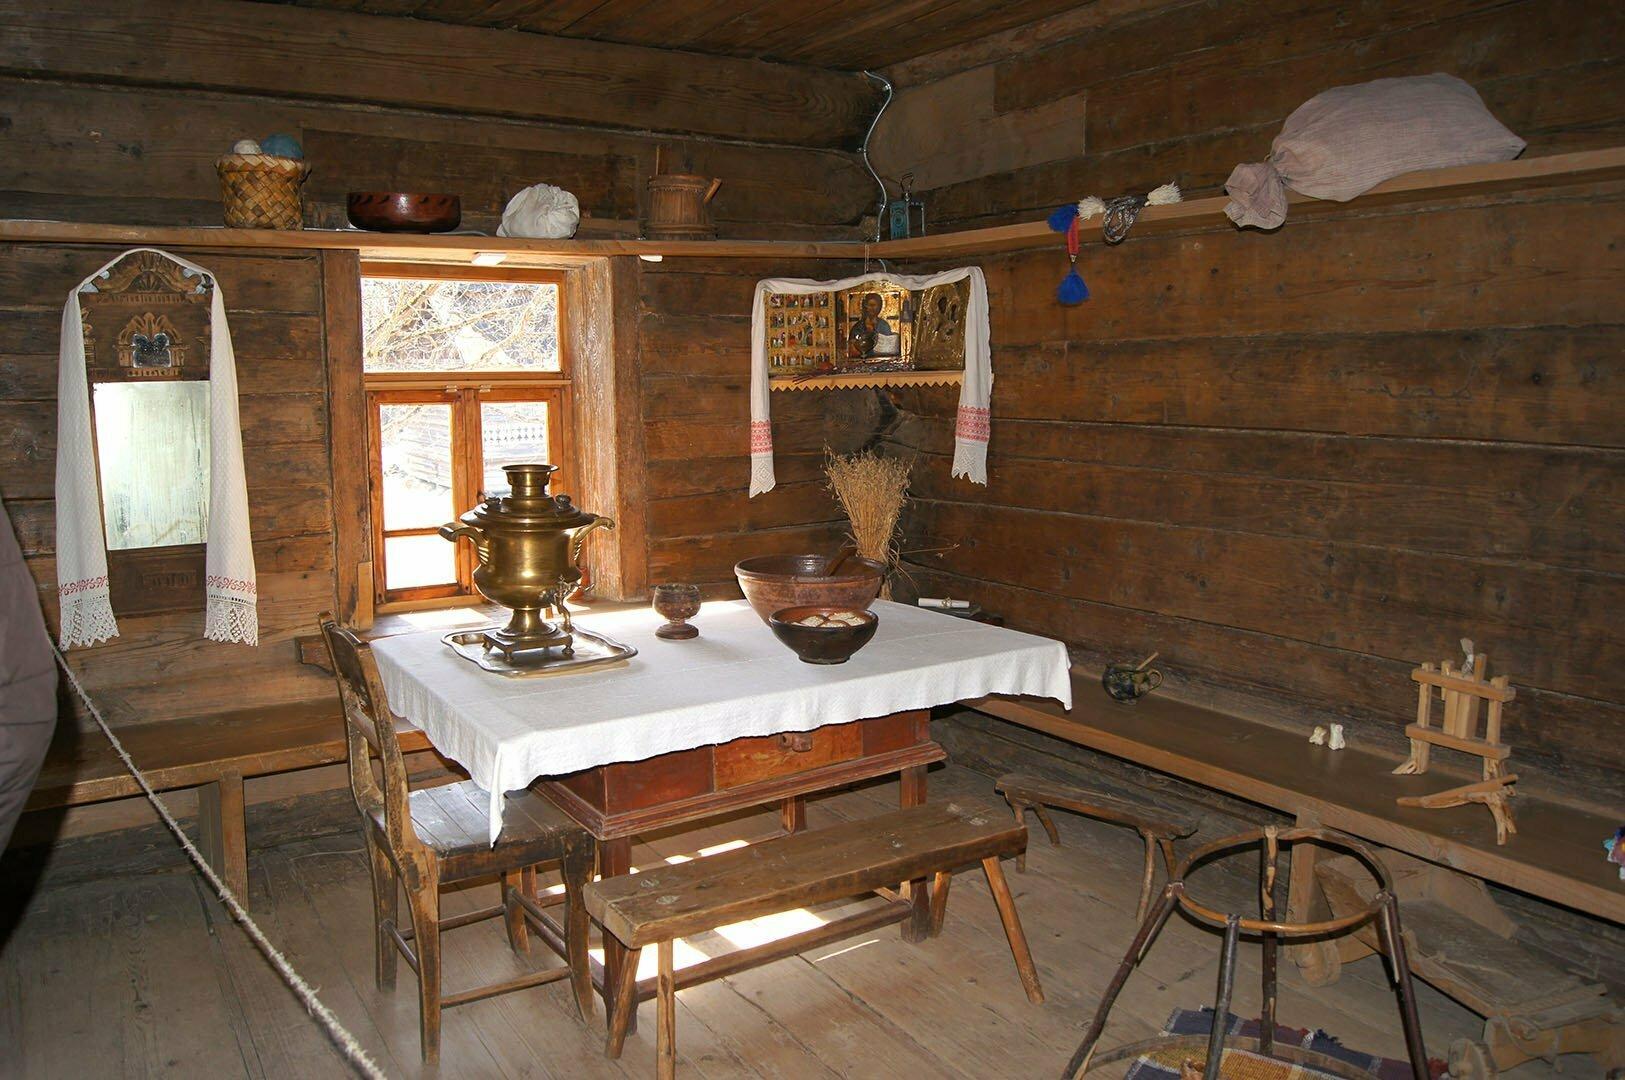 Интерьер избы Туницкого. Музей деревянного зодчества в Великом Новгороде.